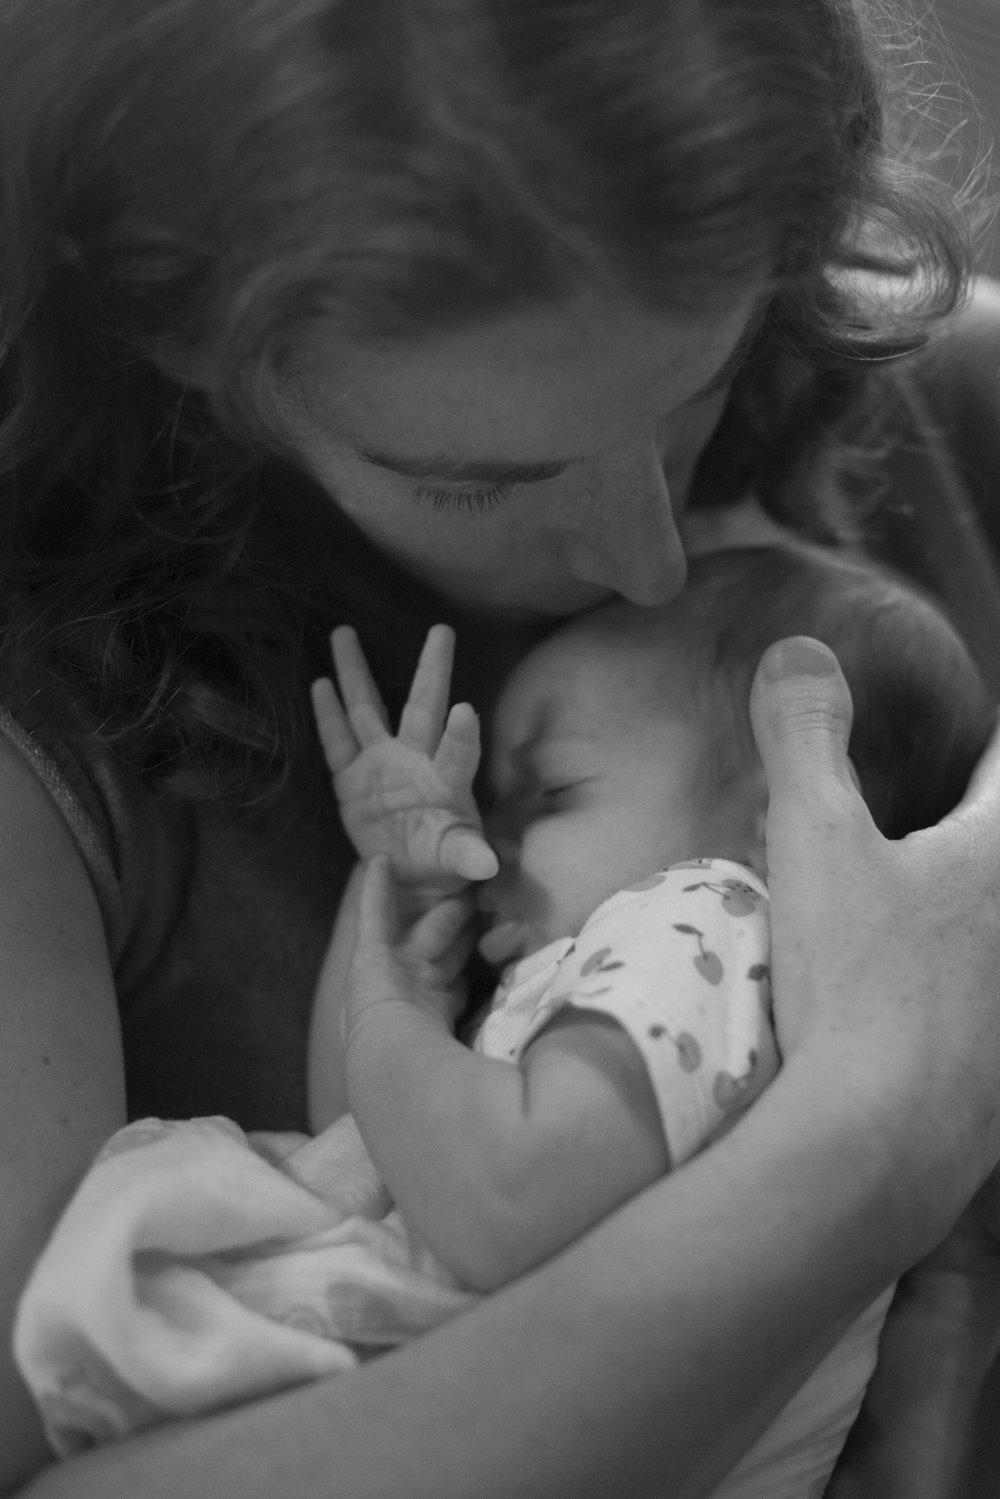 Jenn and Emmeline, 3 weeks old.